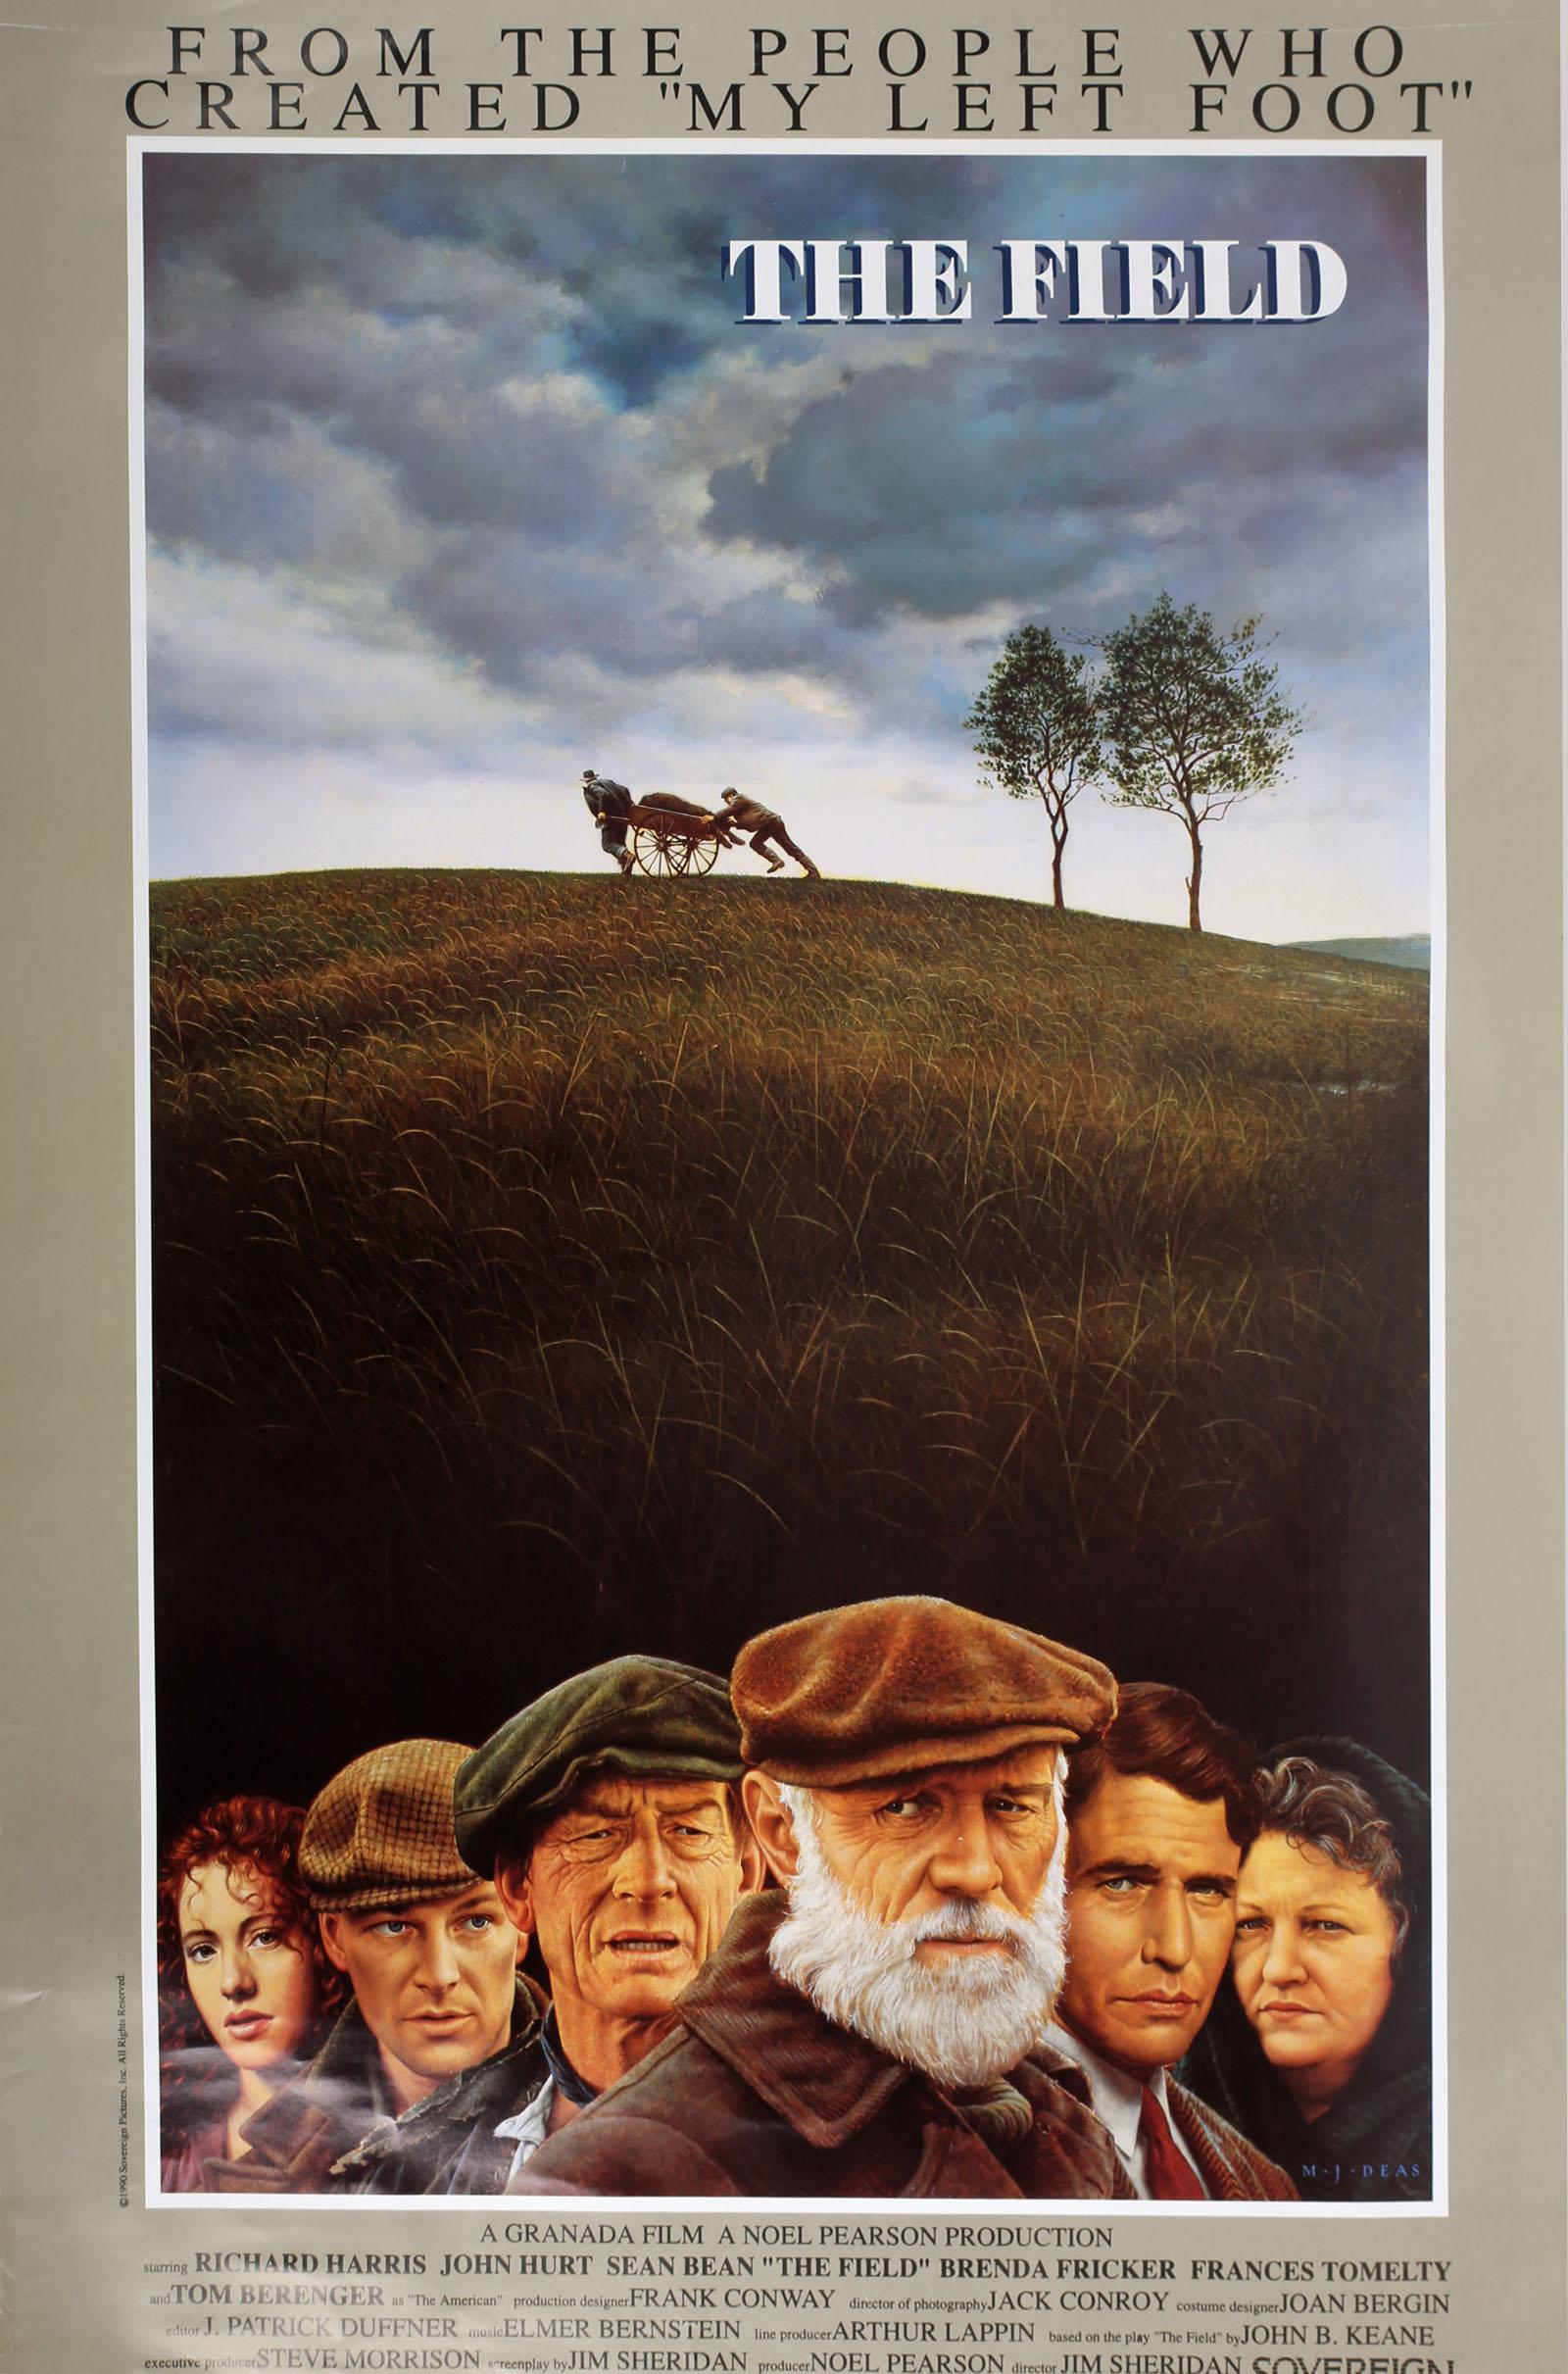 Cinema poster. The Field, 1990, Richard Harris, John Hurt, Tom Berringer, Brenda Fricker; UK one